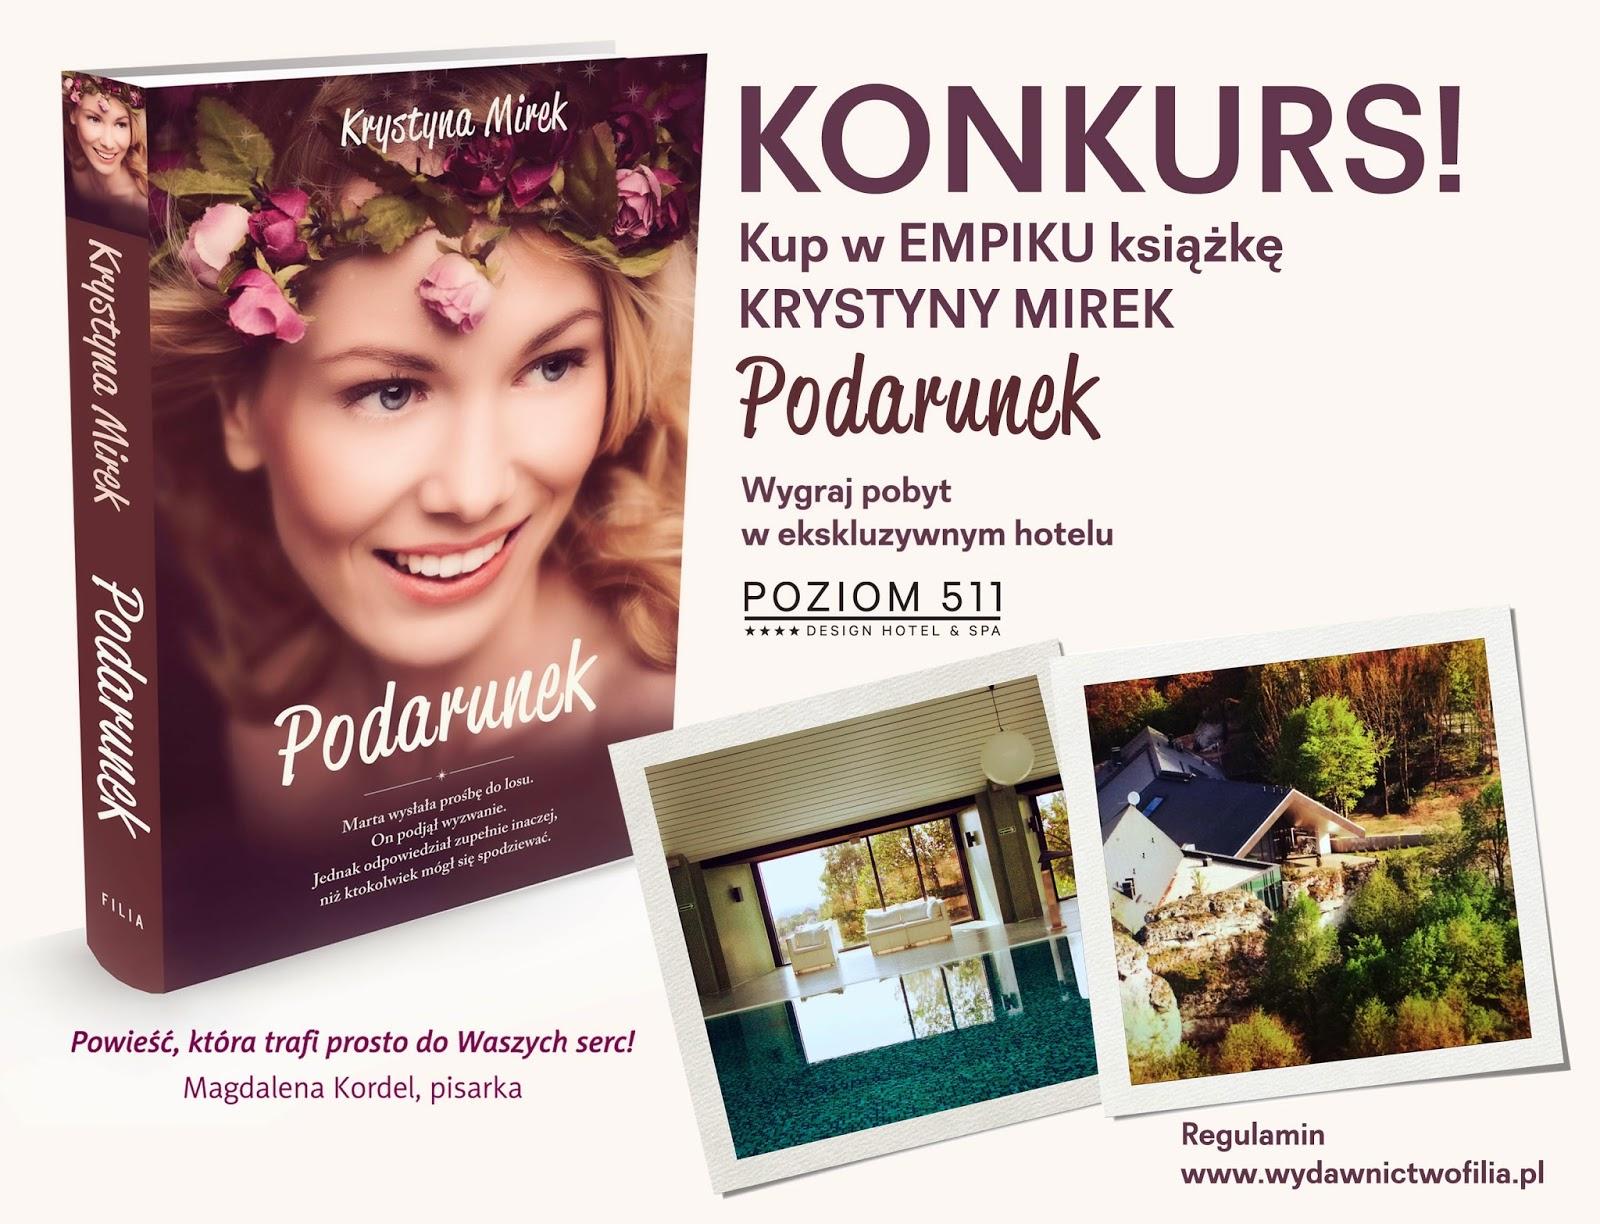 http://asymaka.blogspot.com/2014/11/konkurs-podarunek-krystyna-mirek.html